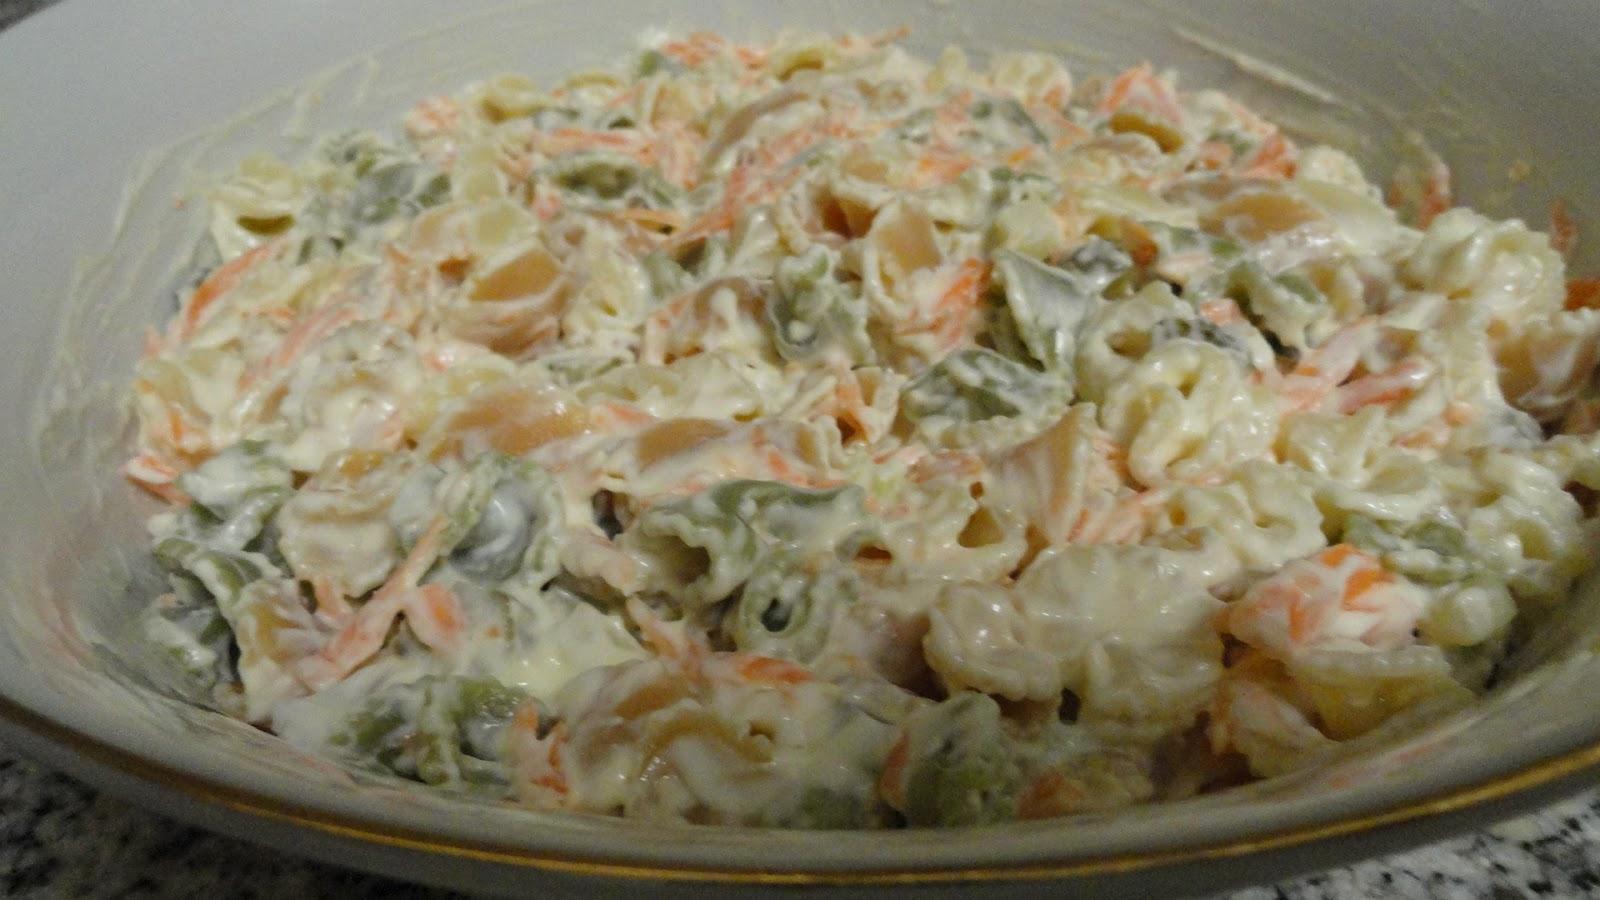 Mari recetas ensalada de pasta - Ensalada de apio y zanahoria ...